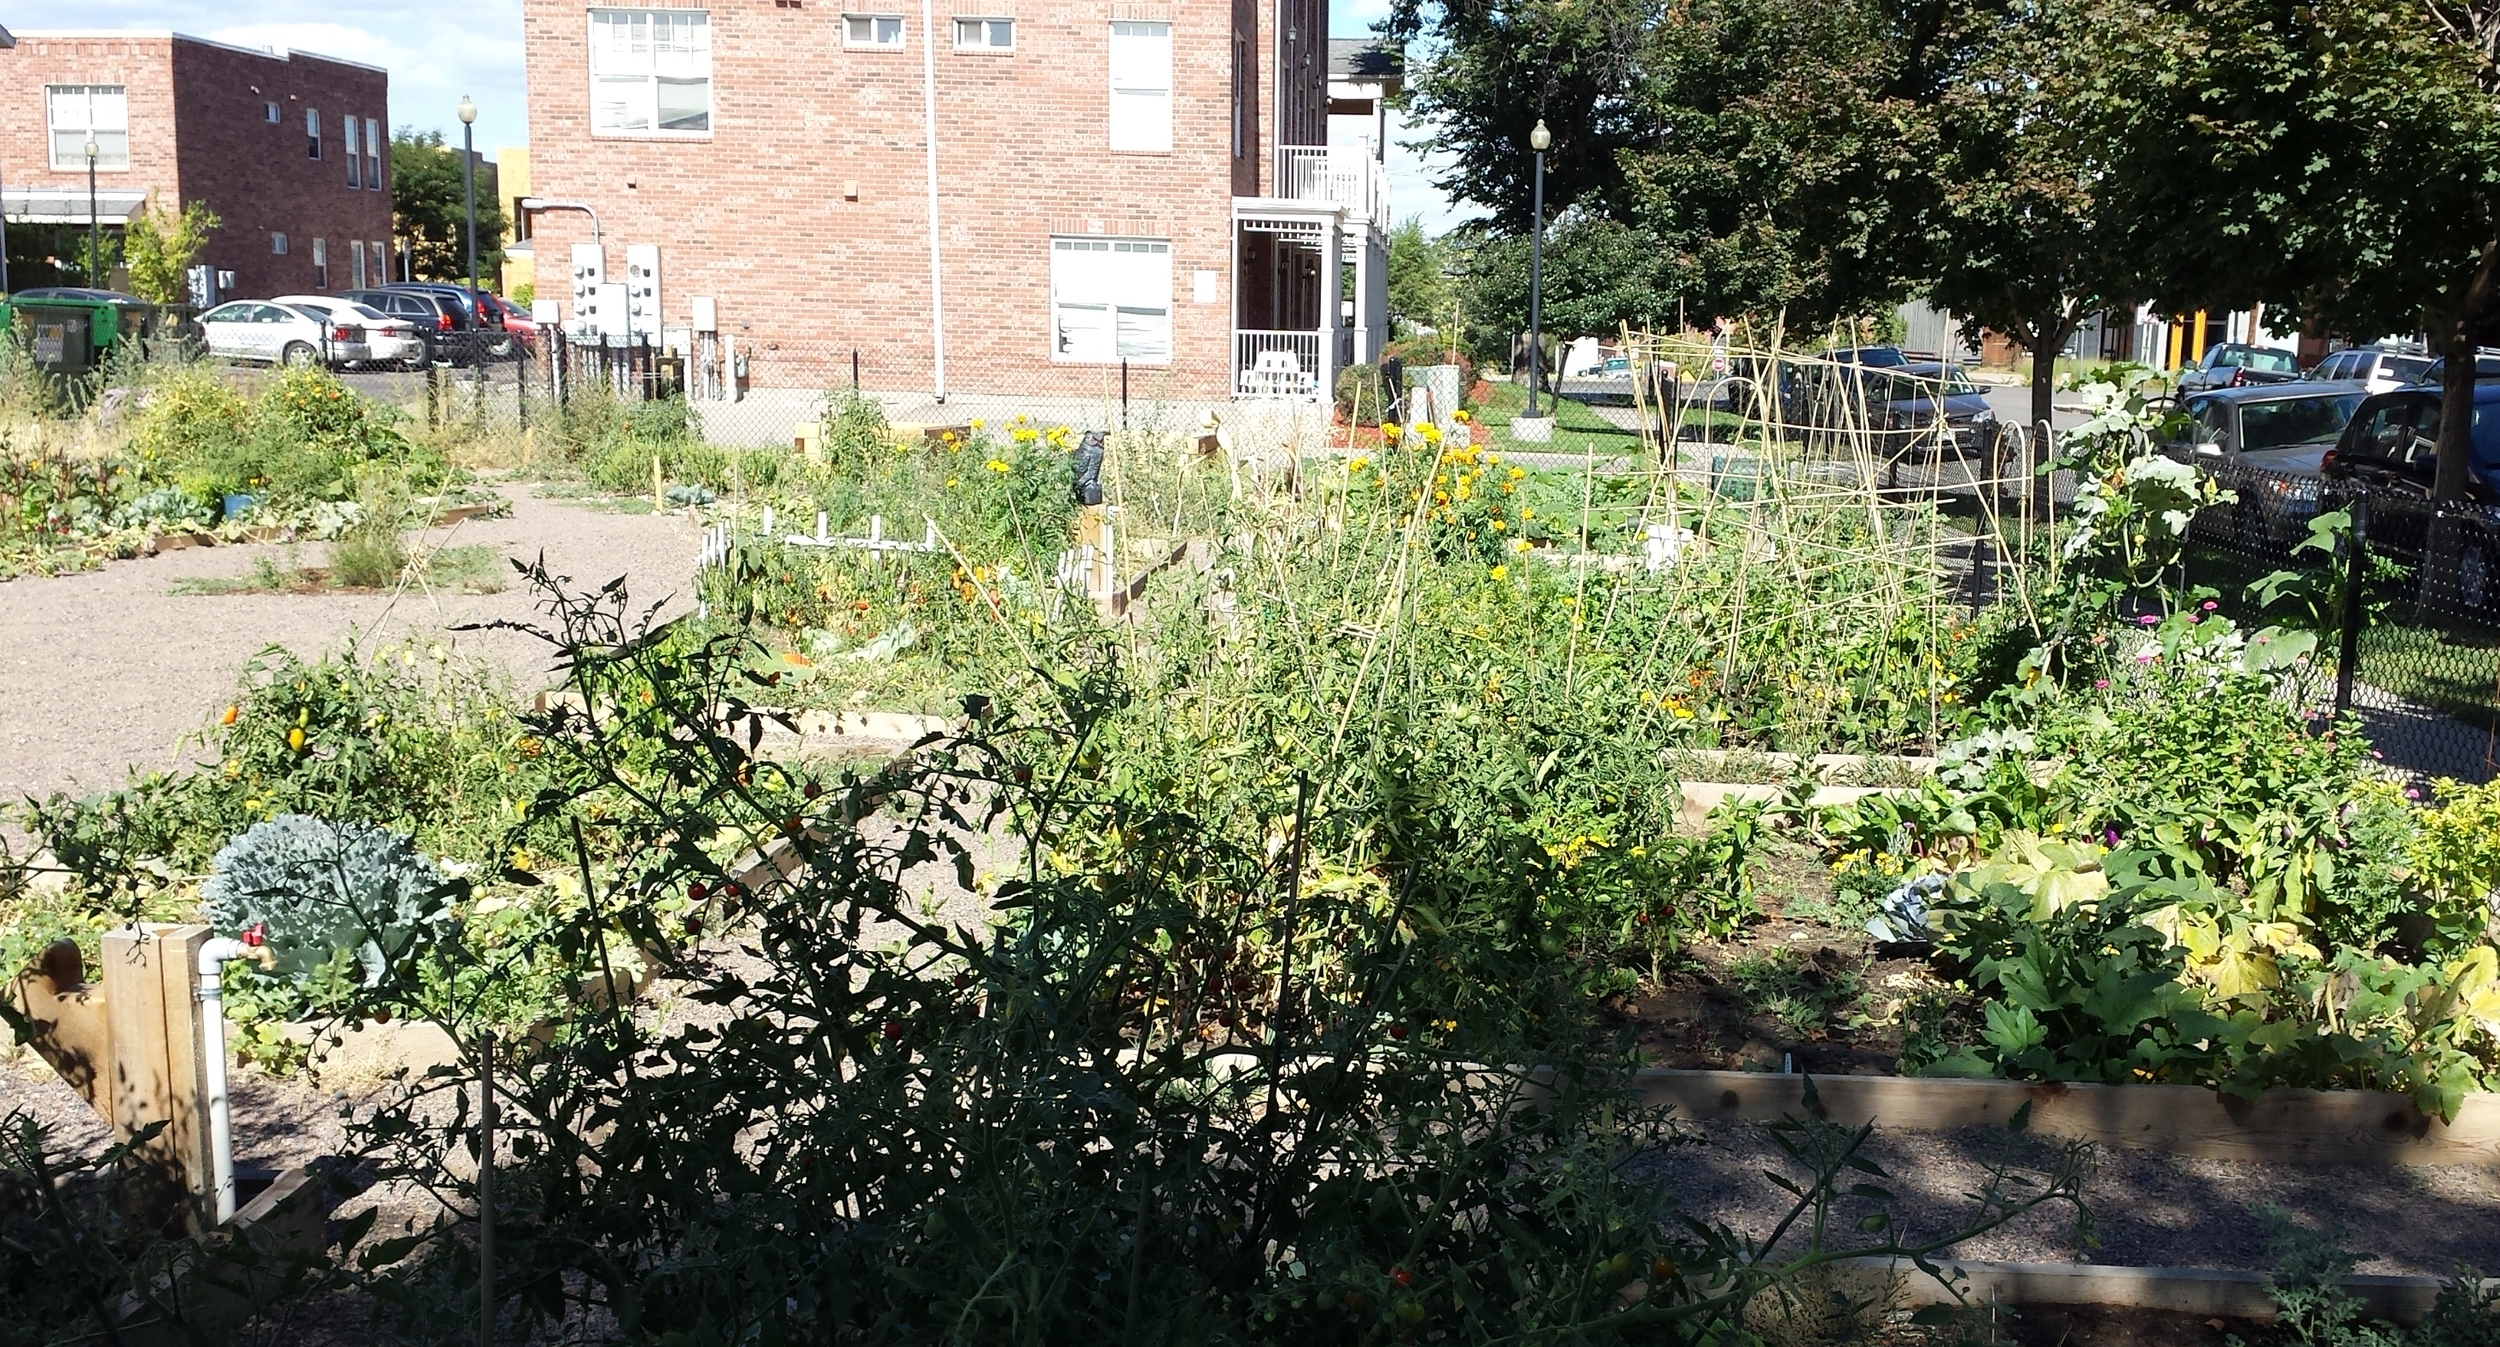 A vibrant community garden run by Denver Urban Gardens.